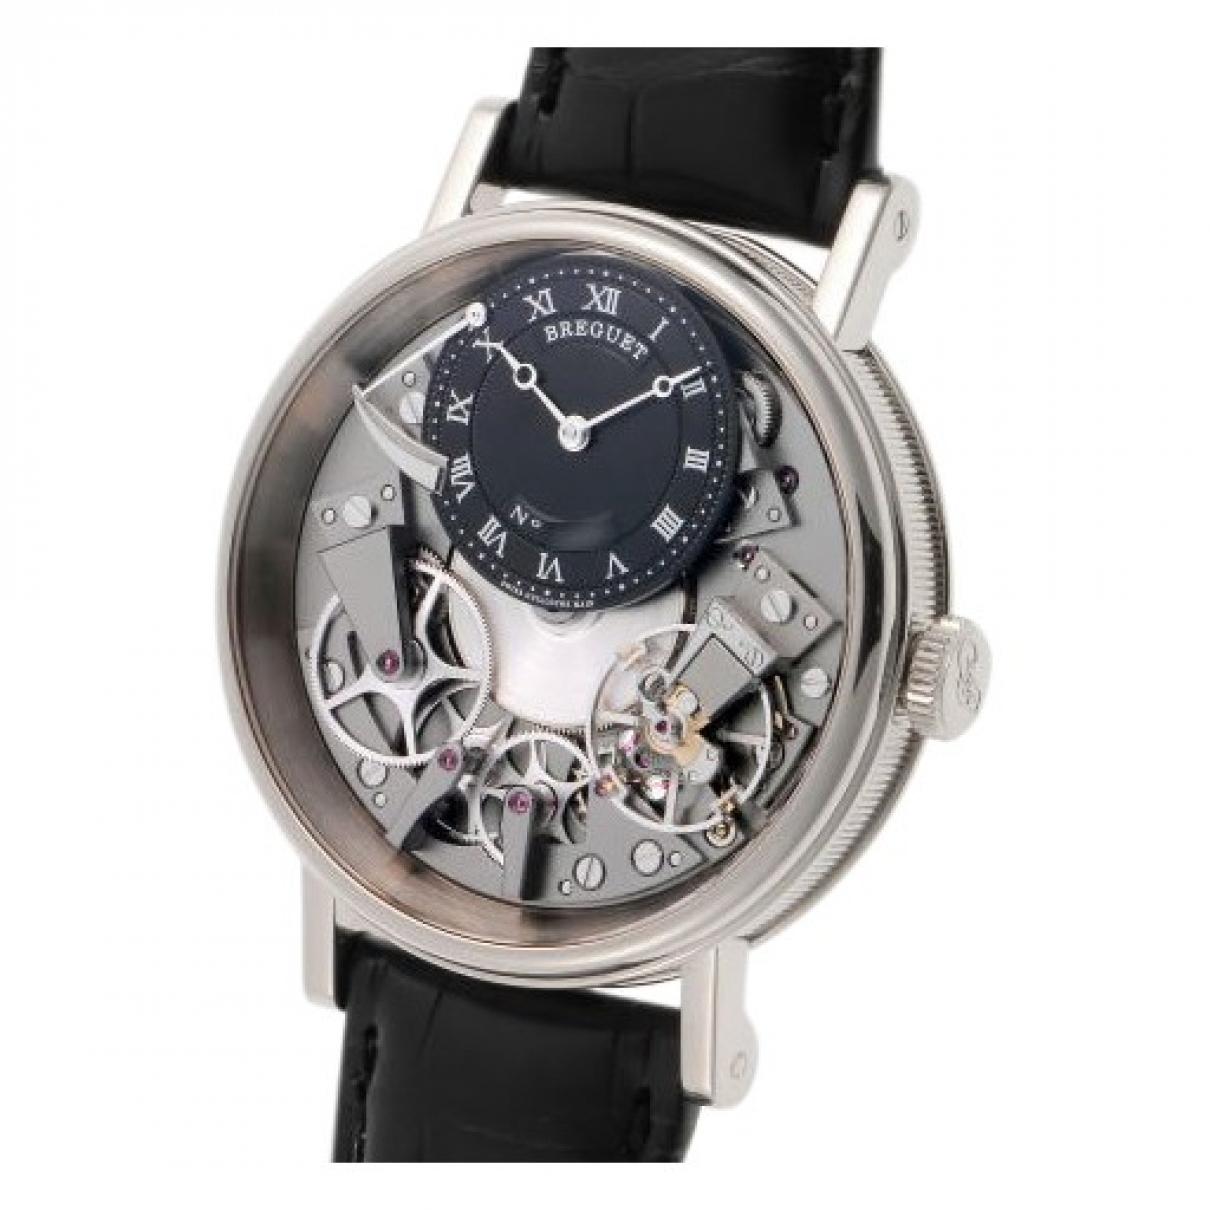 Breguet \N Uhr in  Schwarz Stahl